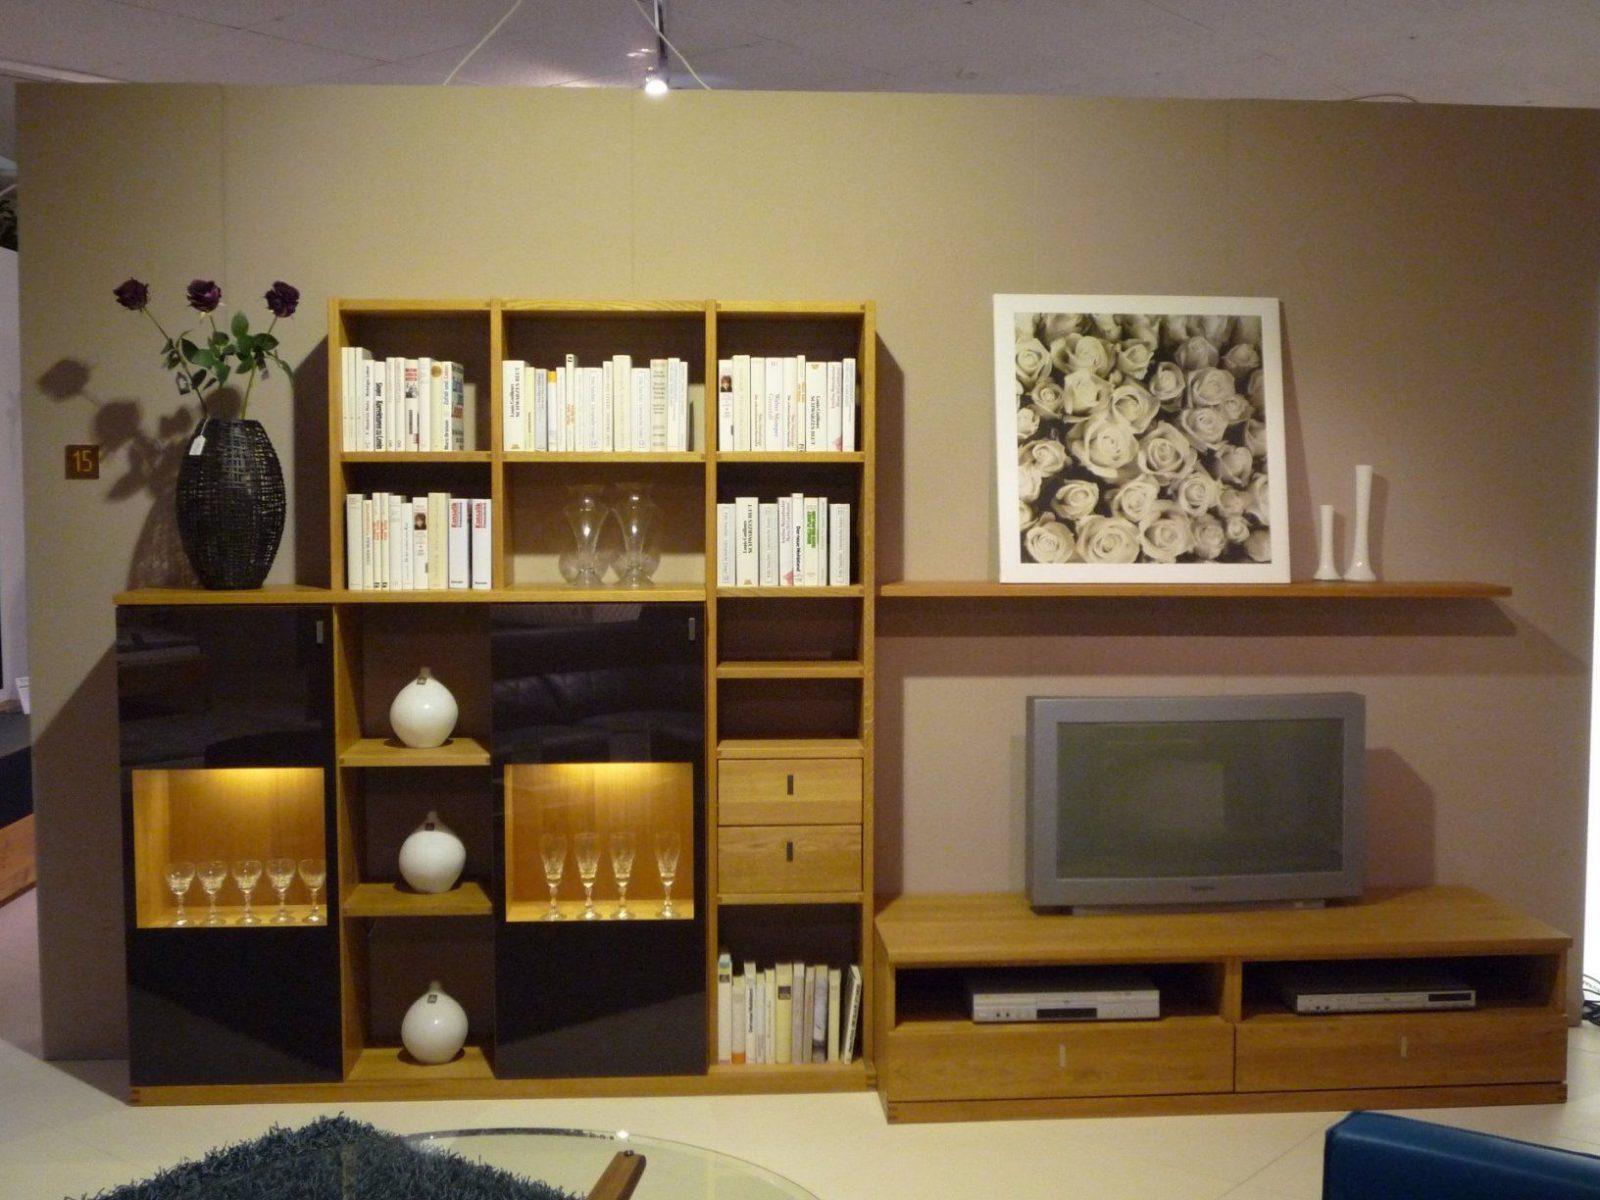 Abverkauf Wohnen von Team 7 Cubus Pure Abverkauf Bild